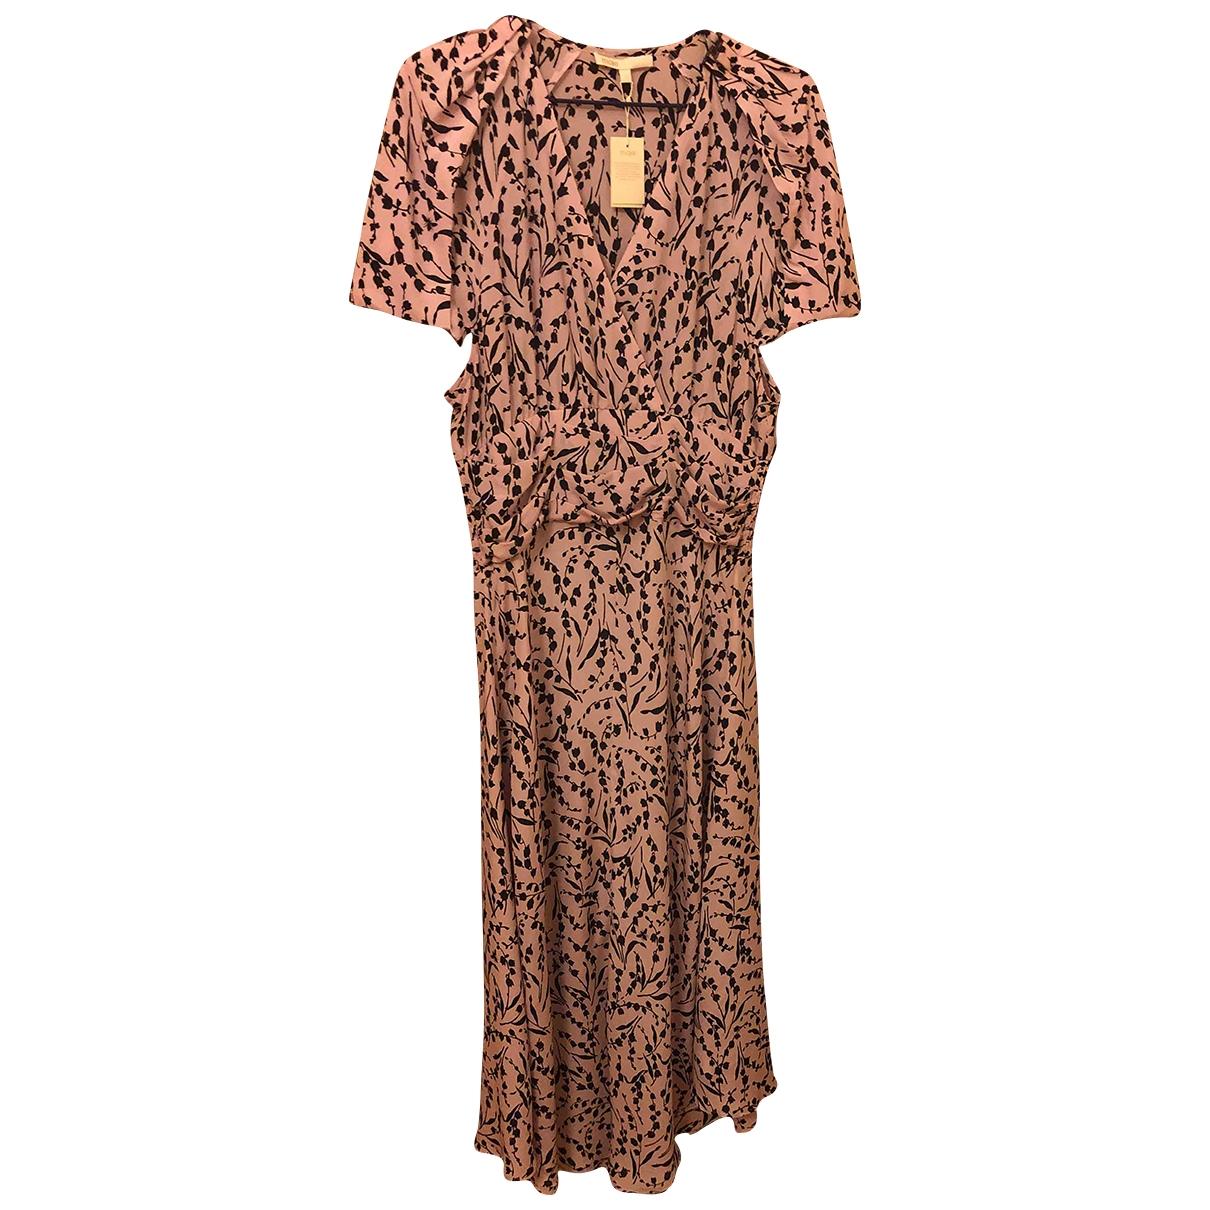 Maje - Robe Spring Summer 2020 pour femme en soie - rose